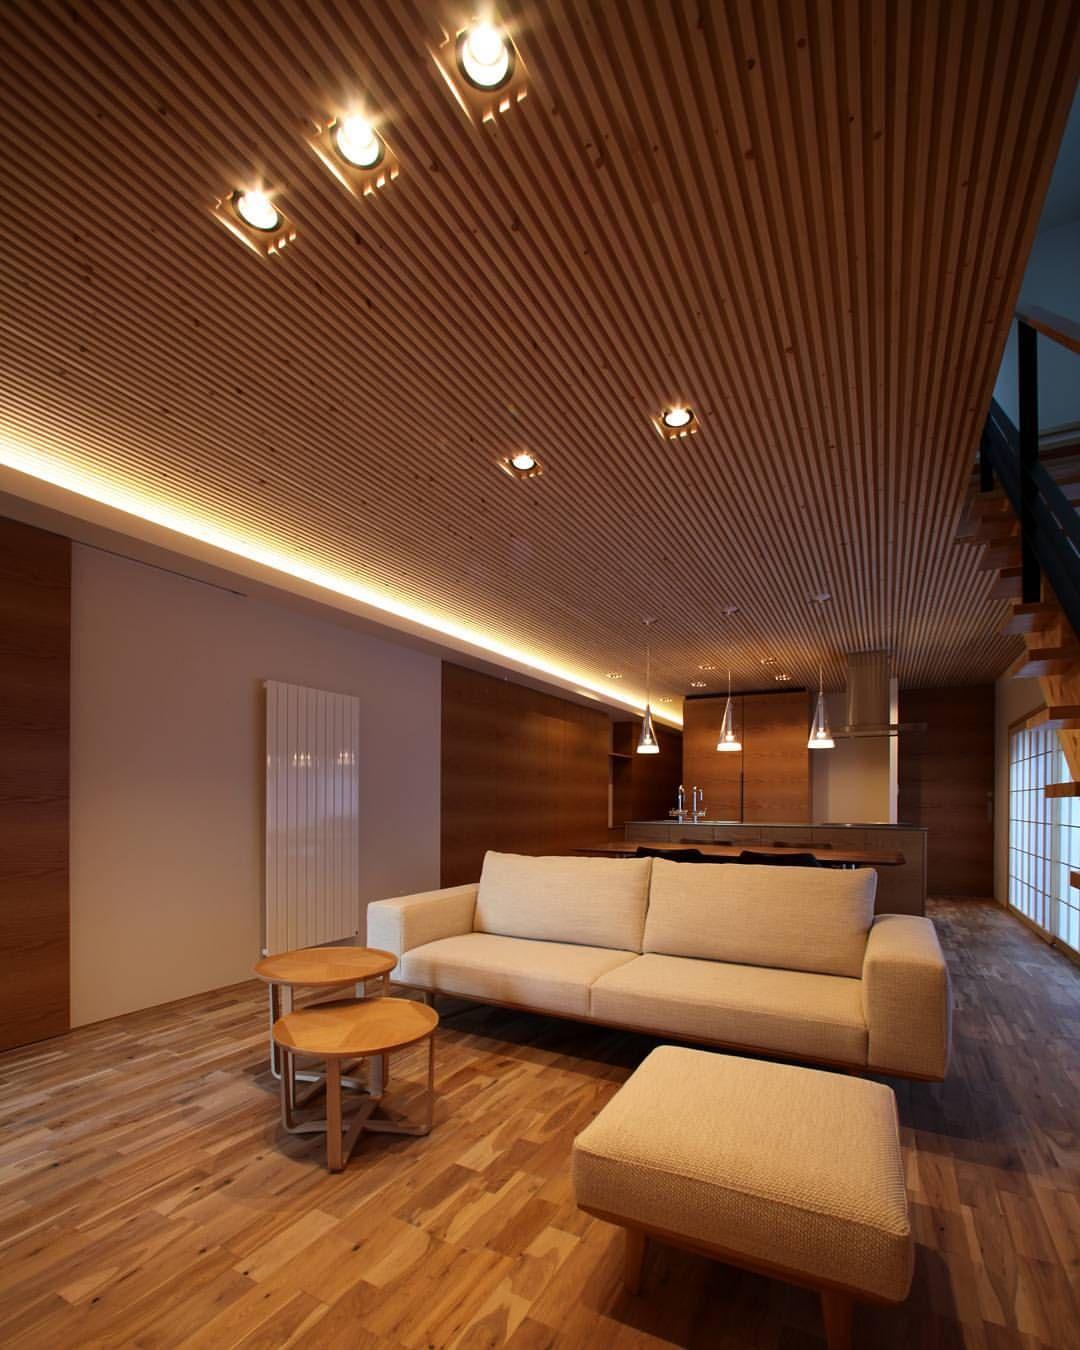 いいね 27件 コメント2件 K Atelier ケイアトリエ Kアトリエさん Katelier326 のinstagramアカウント 束古の 家 そこのいえ 天井の木ルーバーと間接照明によって和風でありながらも 同時に上品さをもたせるこちができました 家 住宅 建築 内装 和 家